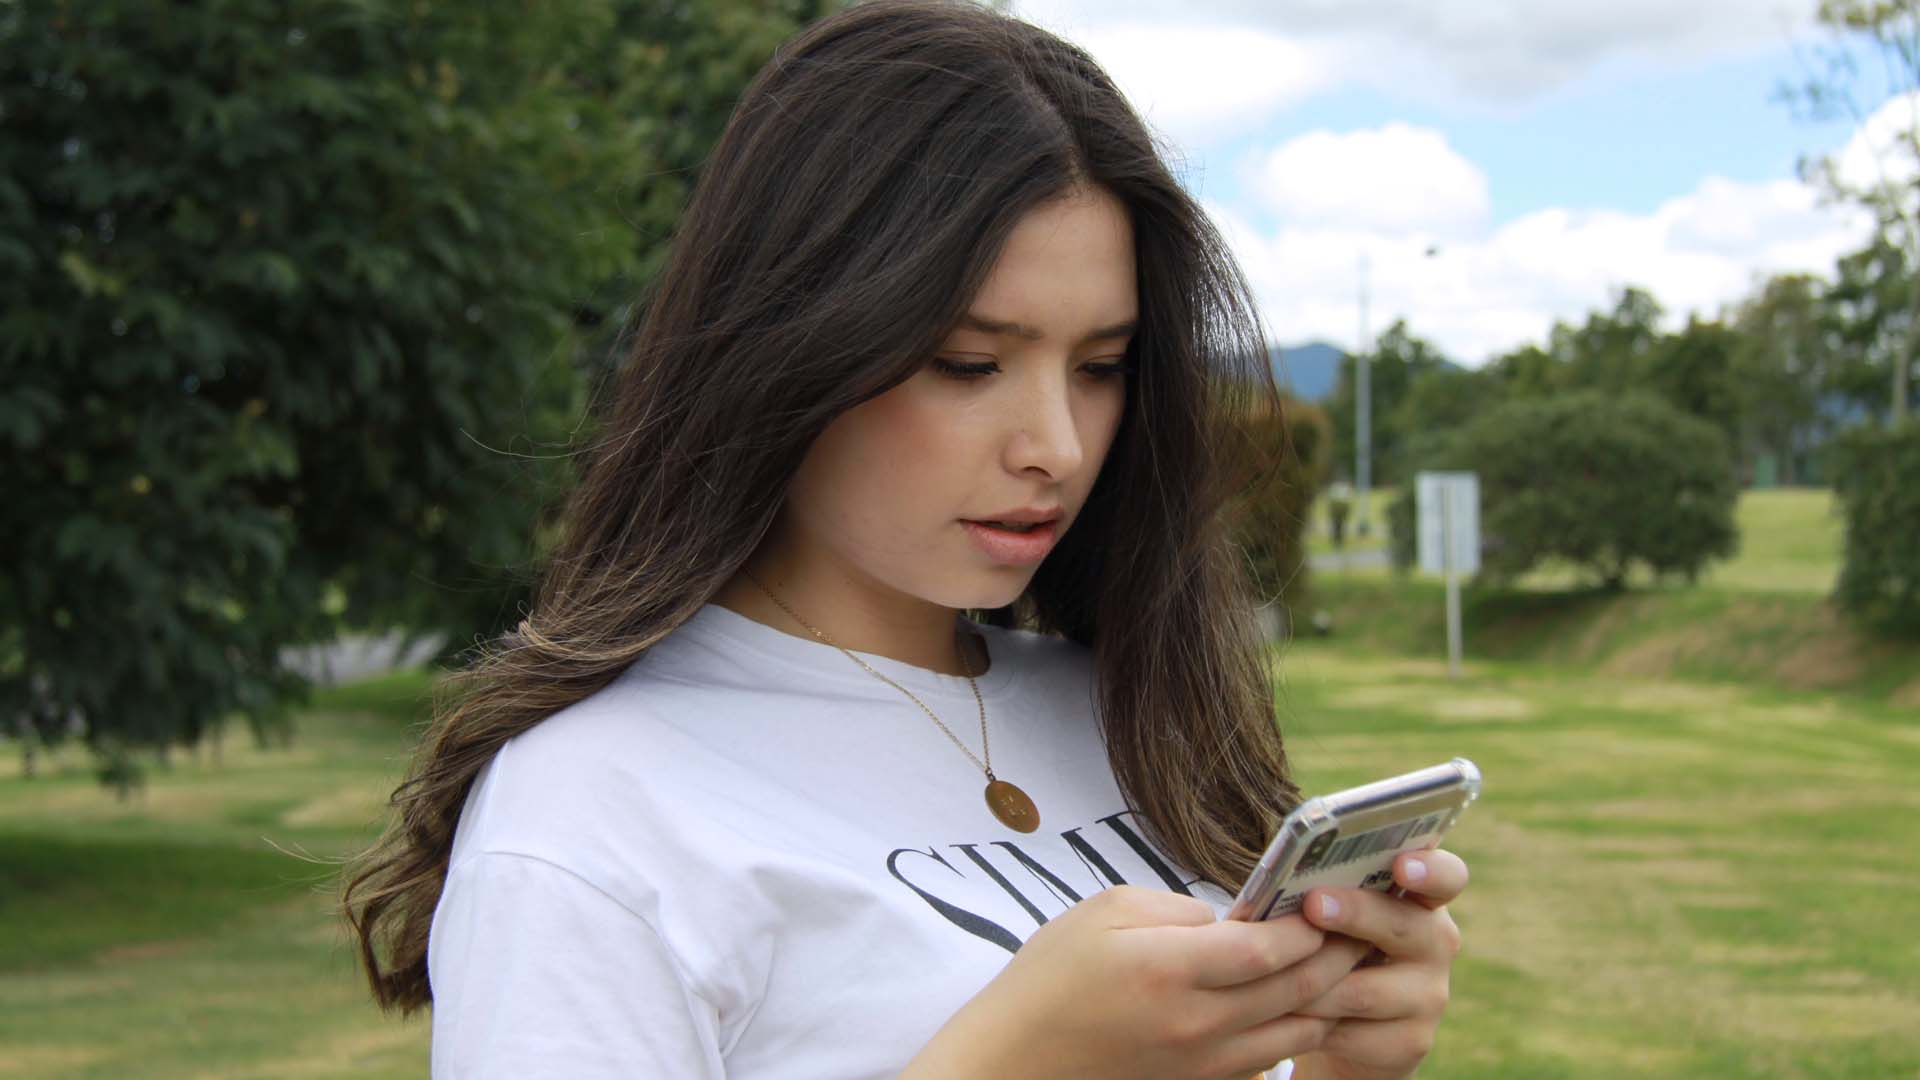 Cassazione: inviare foto hard a minori è violenza sessuale. E il sexting può creare problemi a ogni età